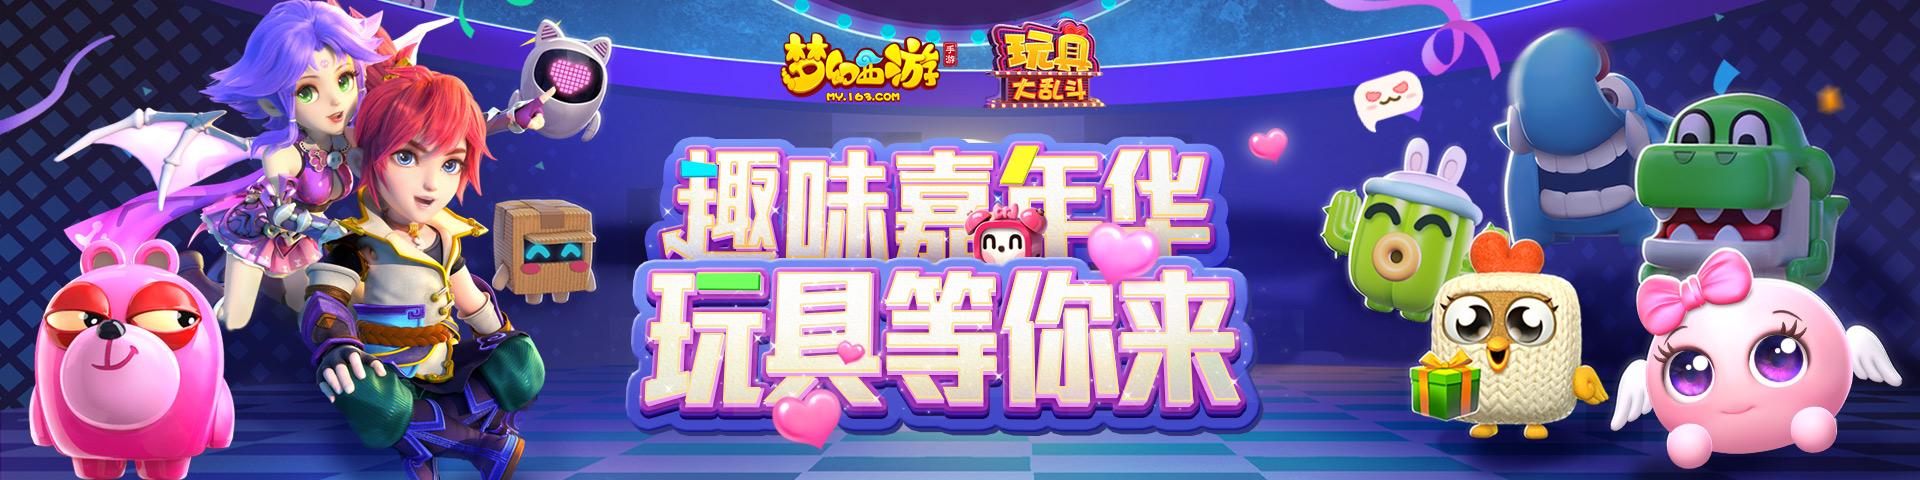 《玩具大乱斗》萌动亮相梦幻西游2017嘉年